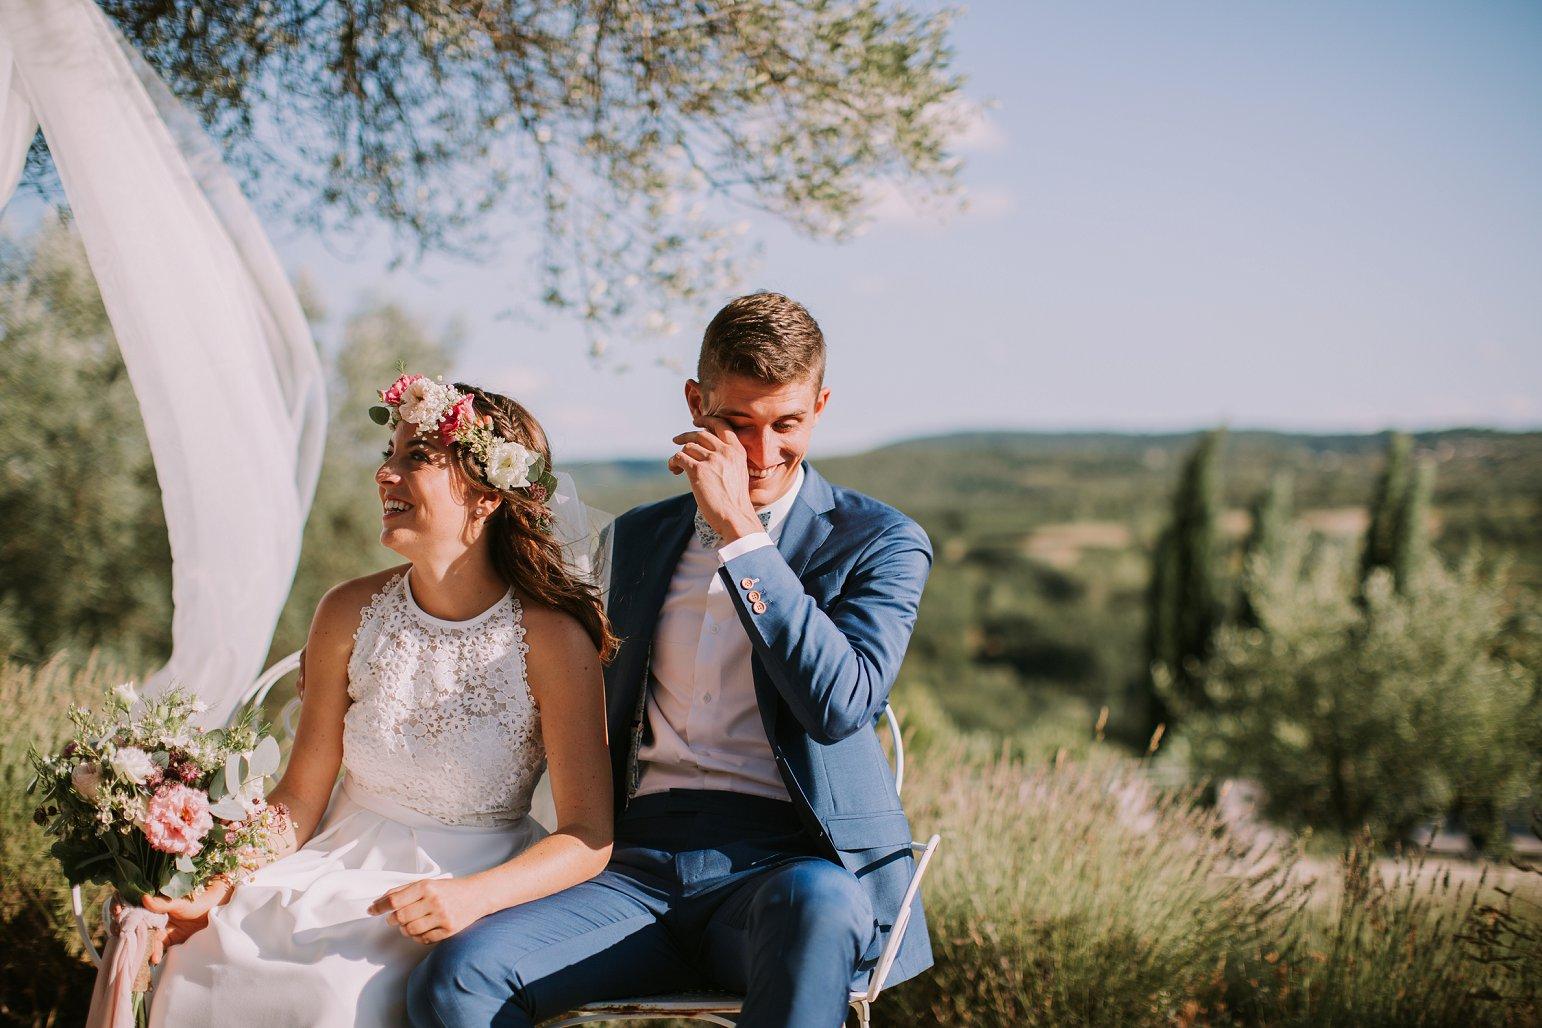 kateryna-photos-mariage-wedding-france-ardeche-domaine-clos-hullias-Saint-Christol-de-Rodière-gard-cevennes_0185.jpg